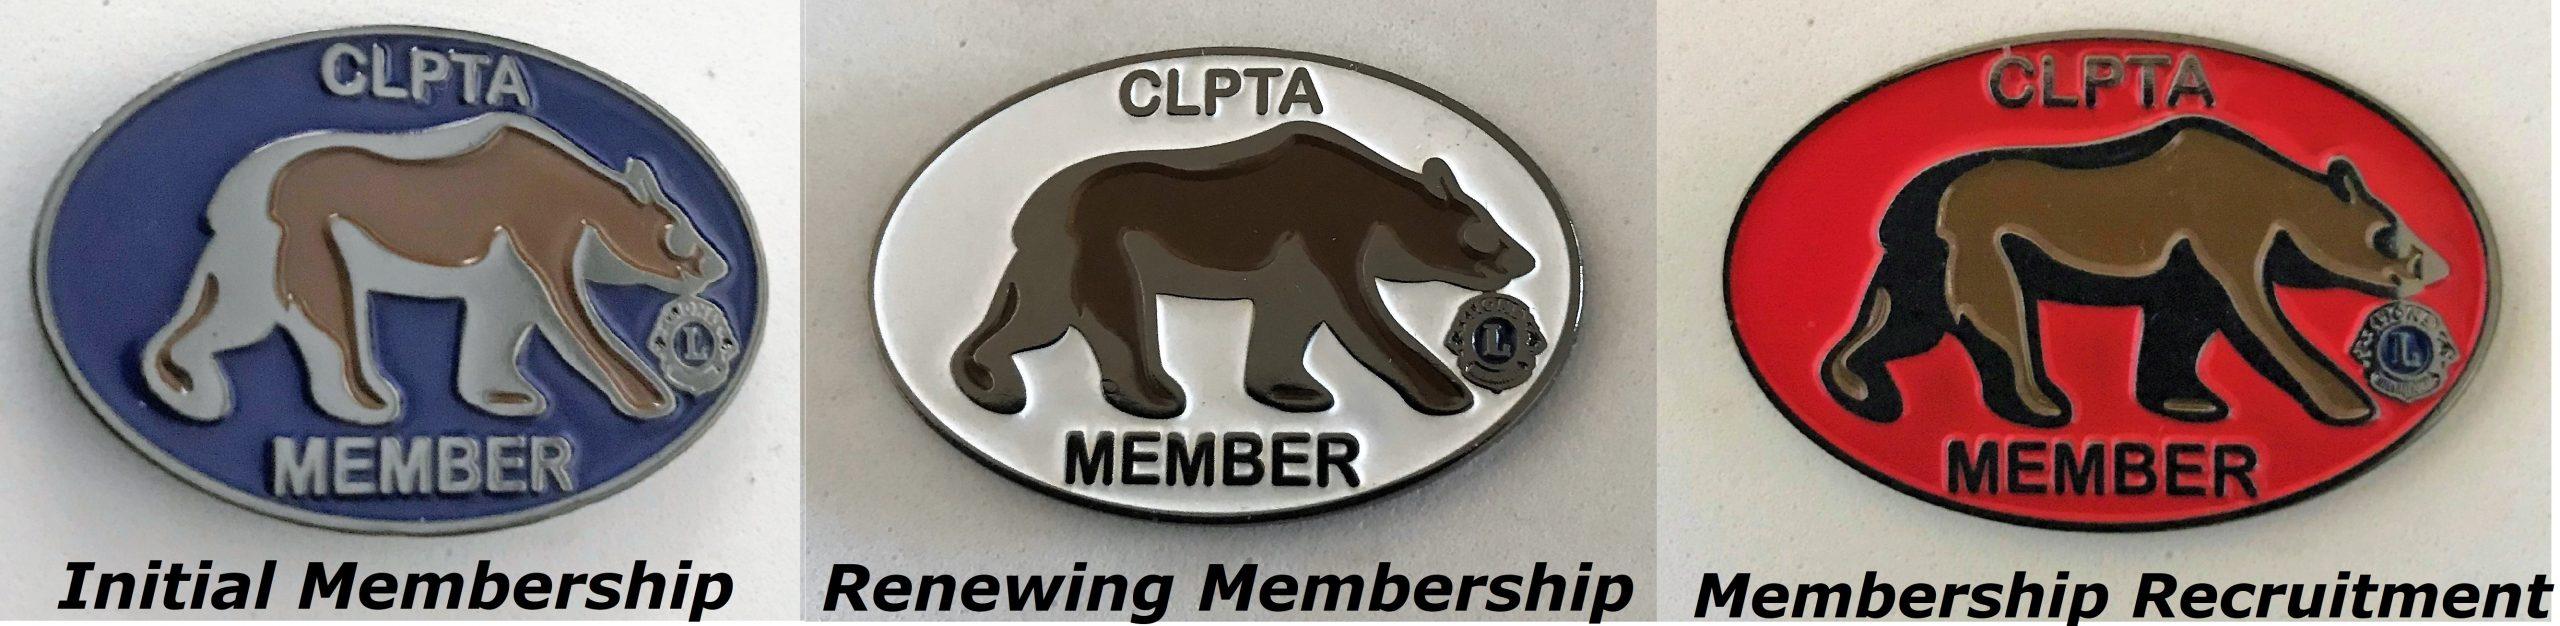 CLPTA MEMBERSHIP PINS